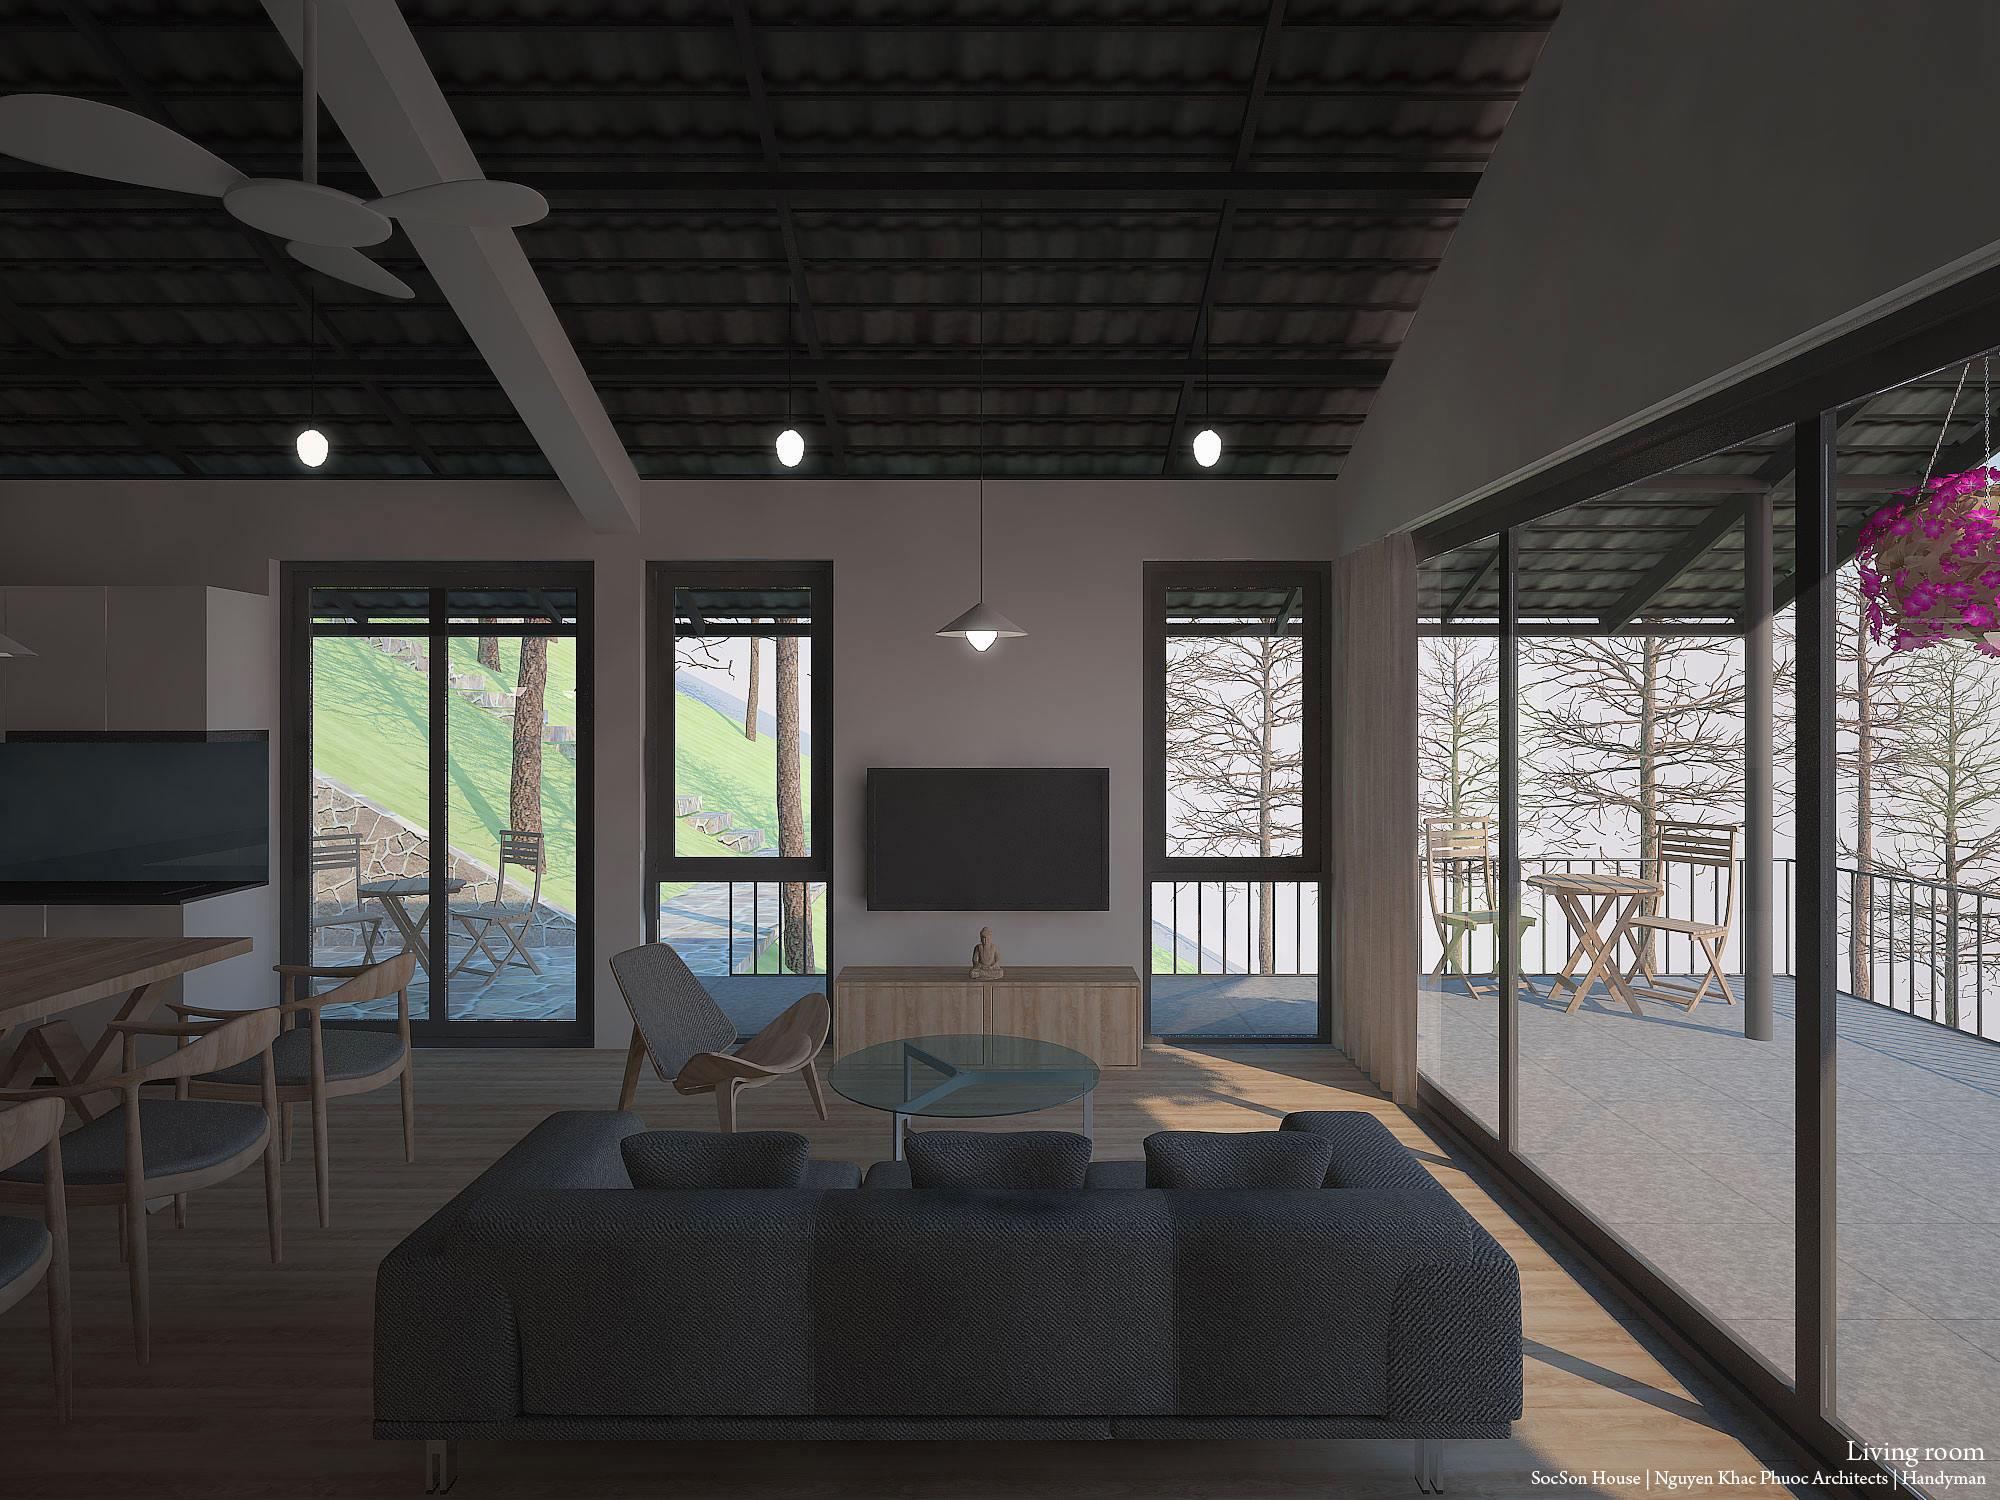 Thiết kế biệt thự đẹp mái chồng mái nằm lưng chừng núi ở Sóc Sơn - Nhà Đẹp Số (13)